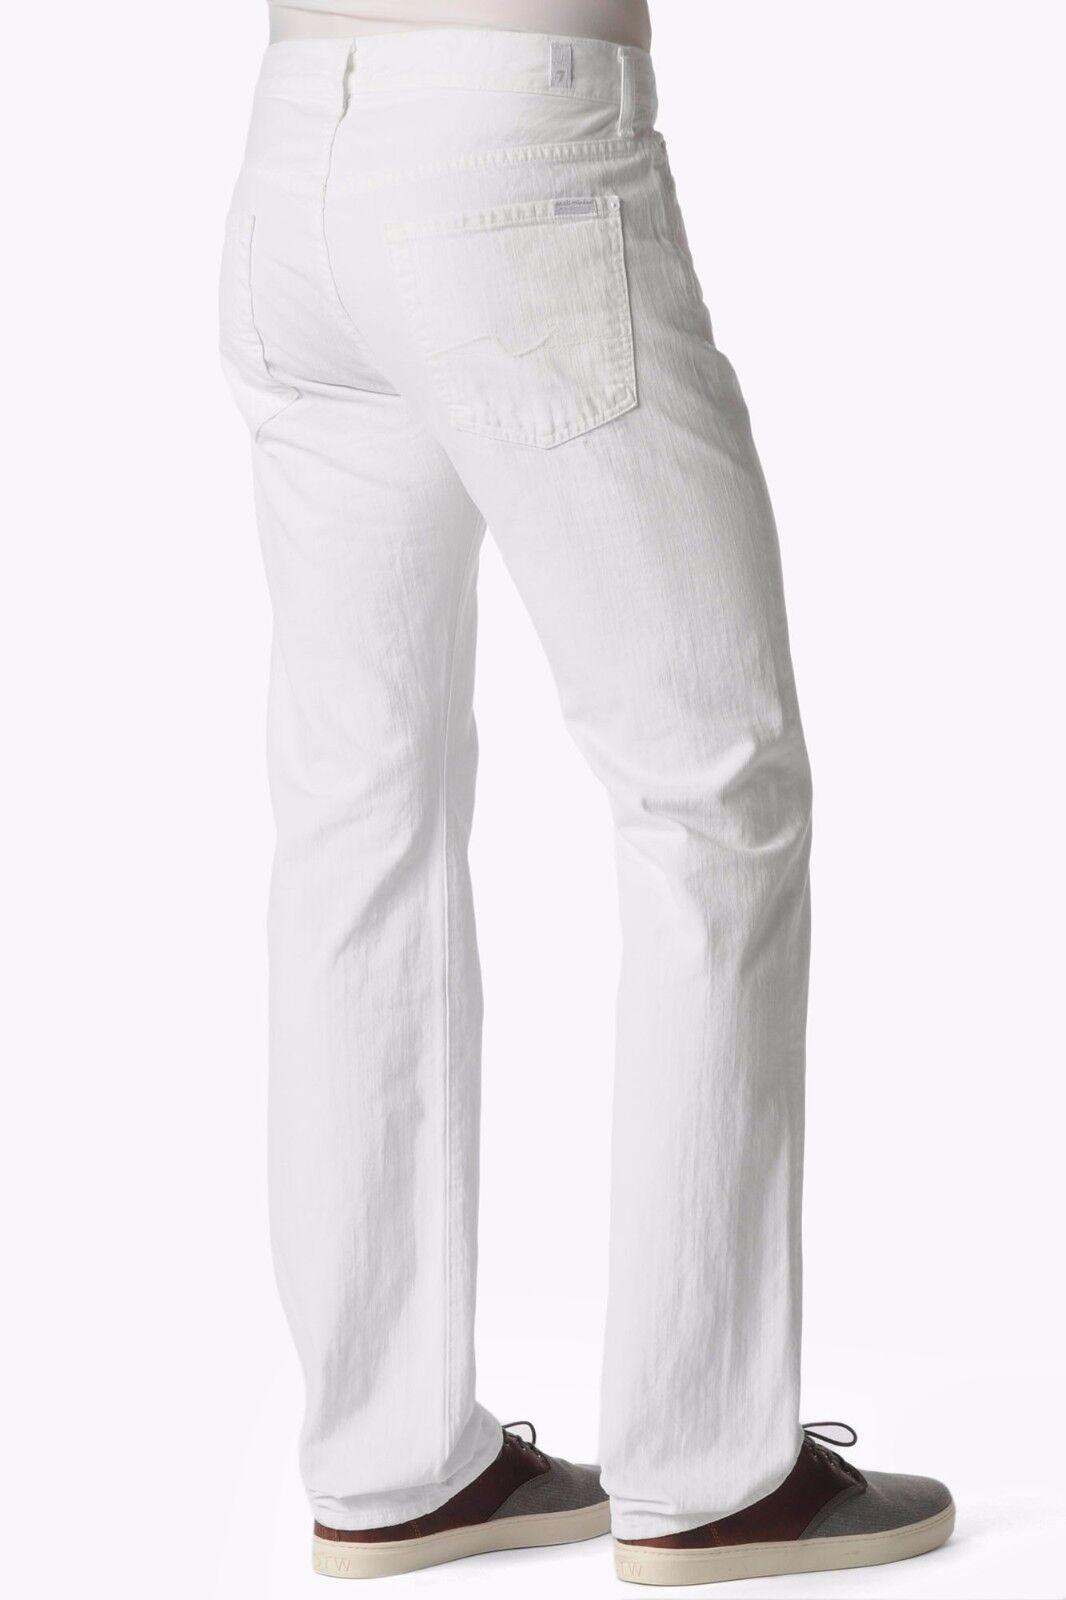 Nwt 7 für Alle Sz30 Standard Klassisch Gerades Bein Jeans Sauber Weiß  | 2019  | Das hochwertigste Material  | Eine Große Vielfalt An Modelle 2019 Neue